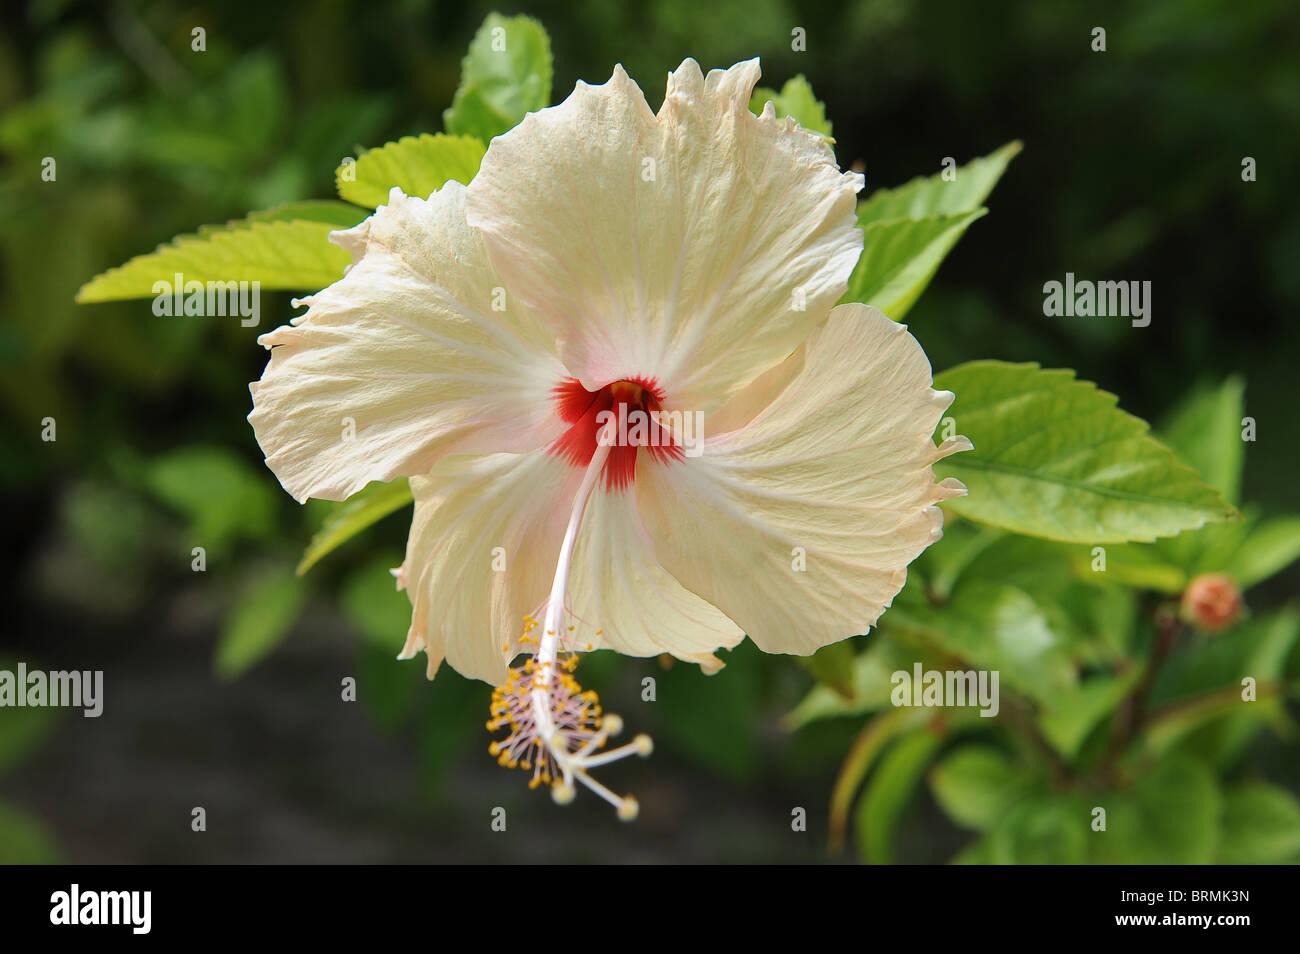 Hawaiian flower stock photos hawaiian flower stock images alamy hawaiian flower stock image izmirmasajfo